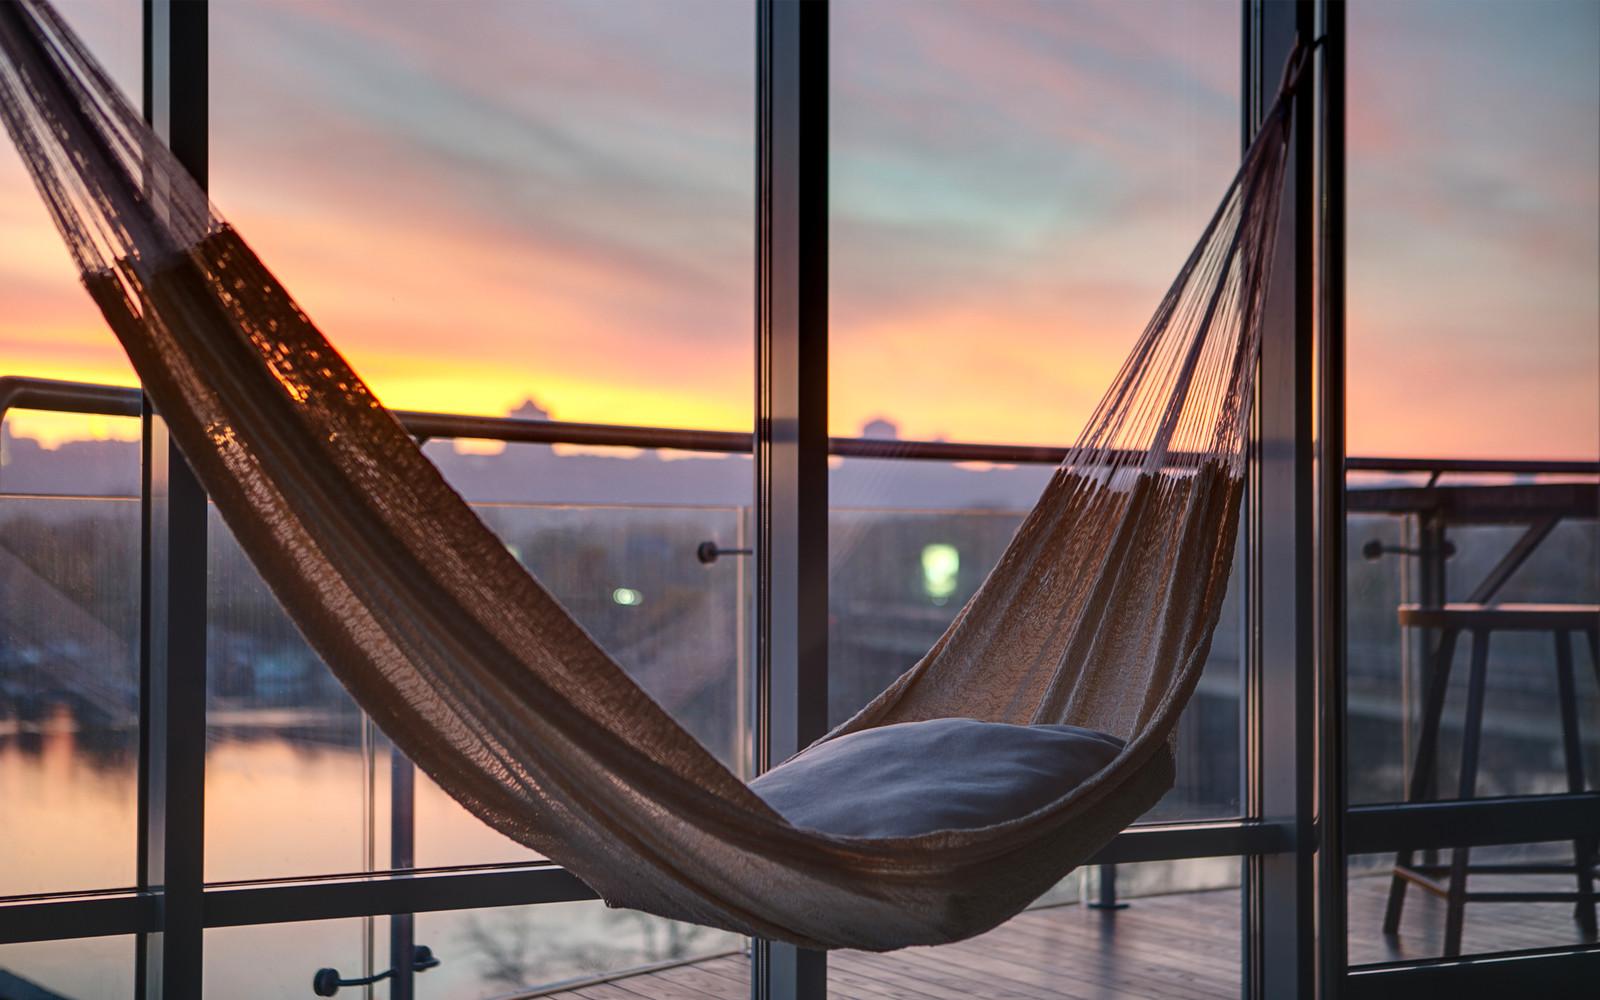 панорамни прозорци и свобода в просторния градски апартамент_11